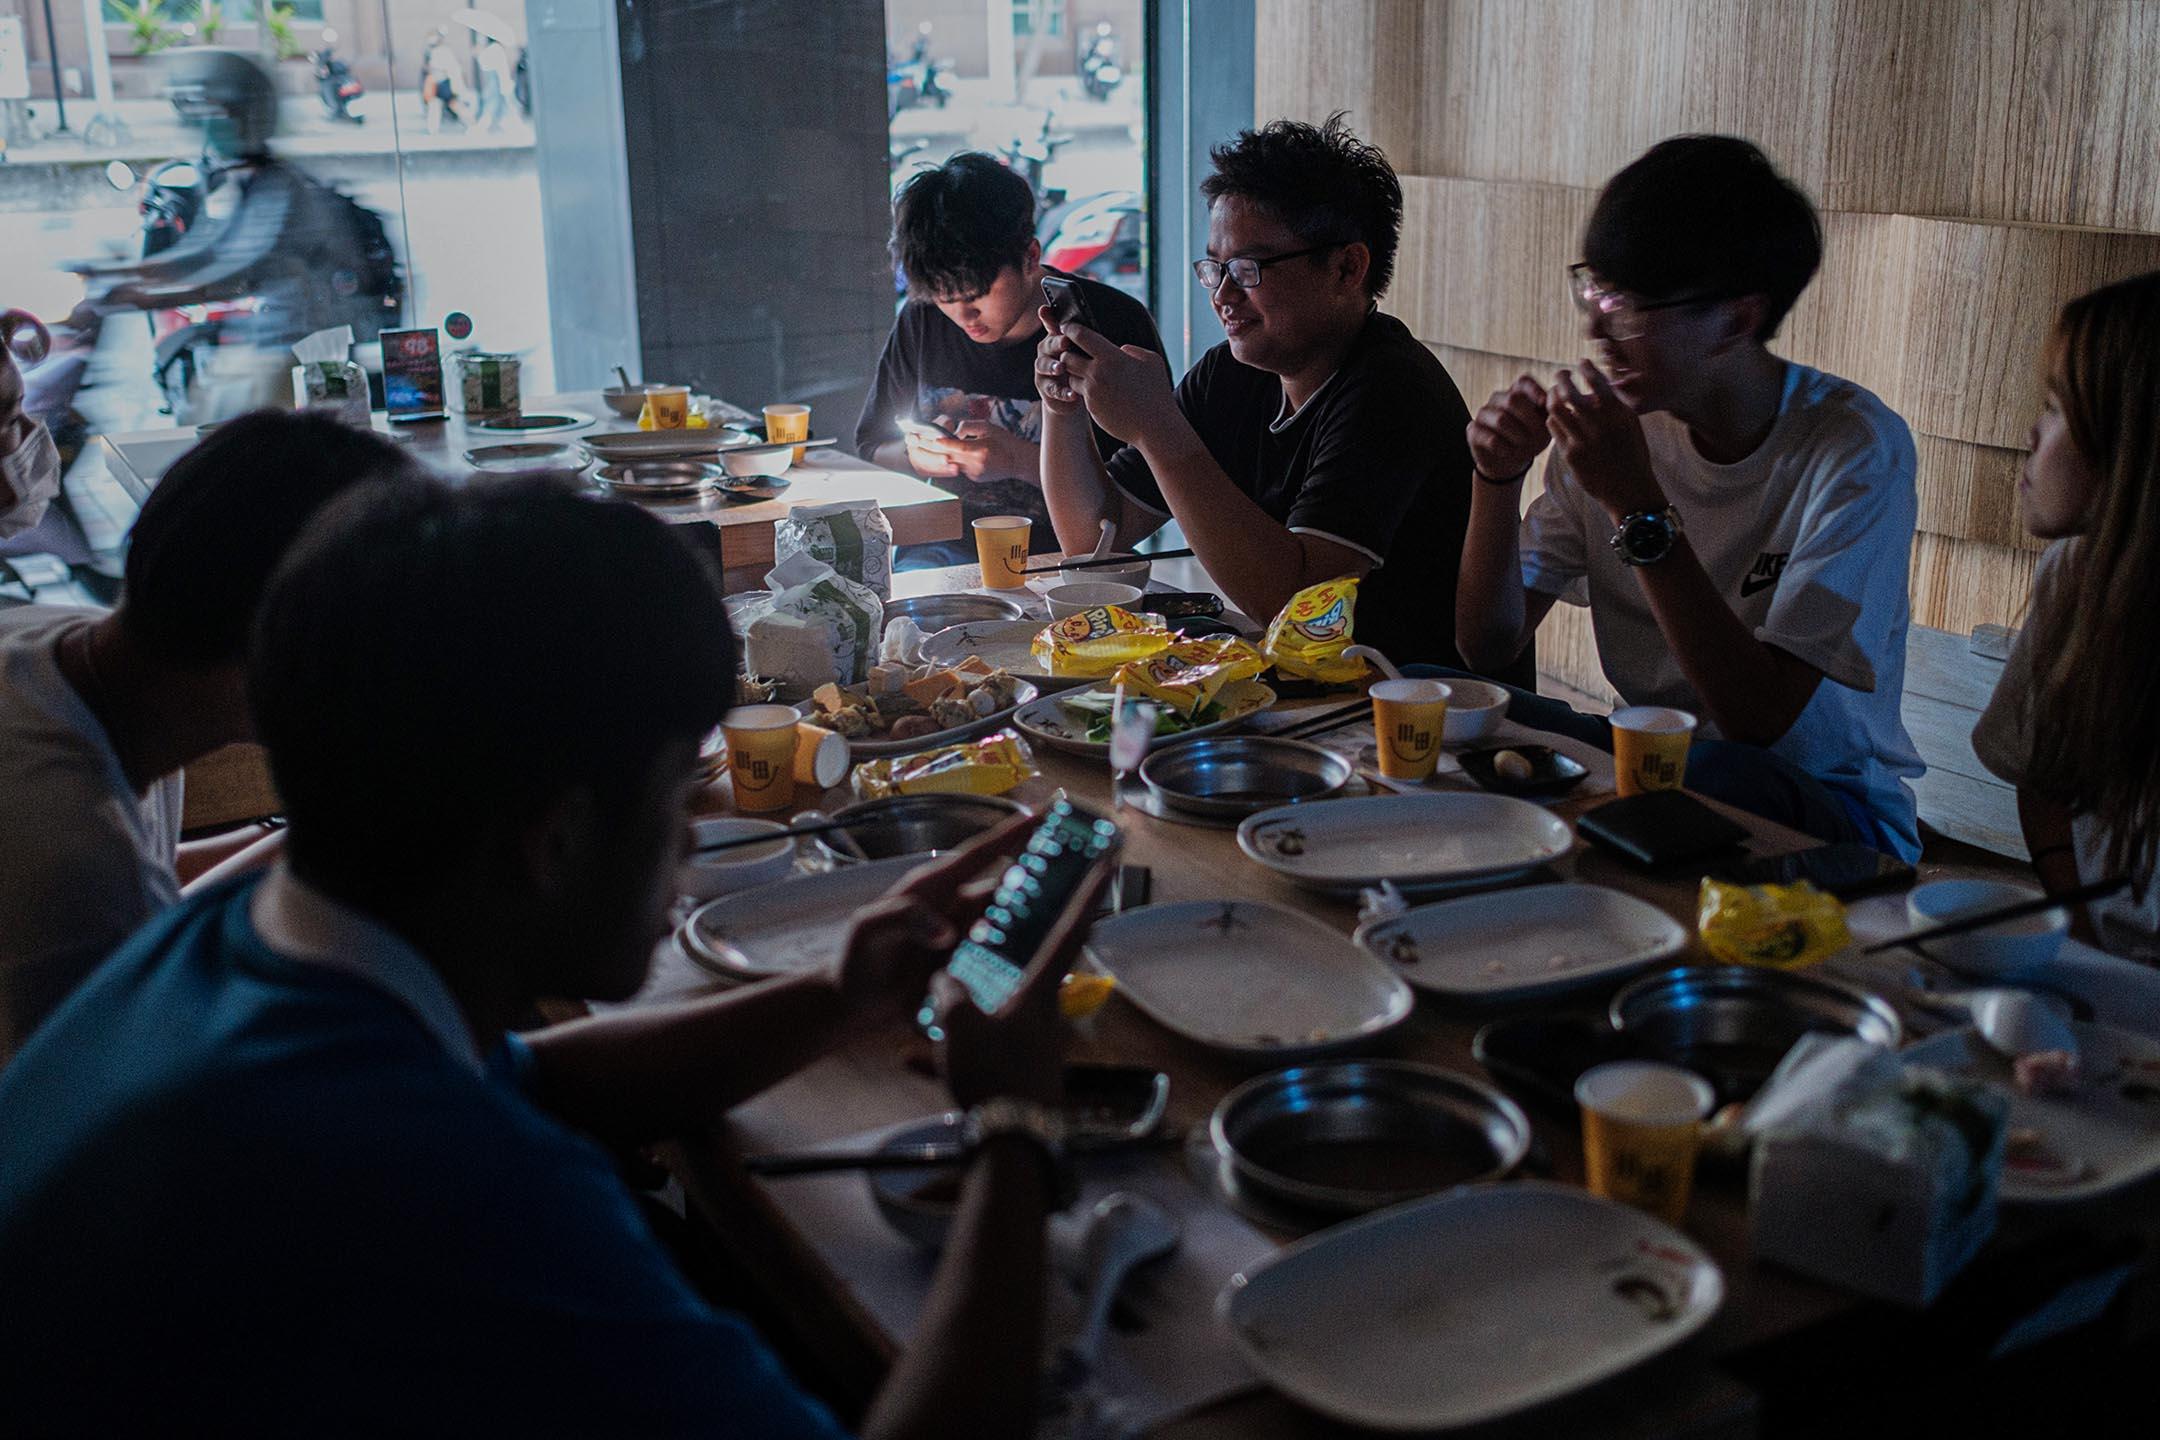 2021年5月13日,台北大停電期間,顧客在食肆內繼續進餐。